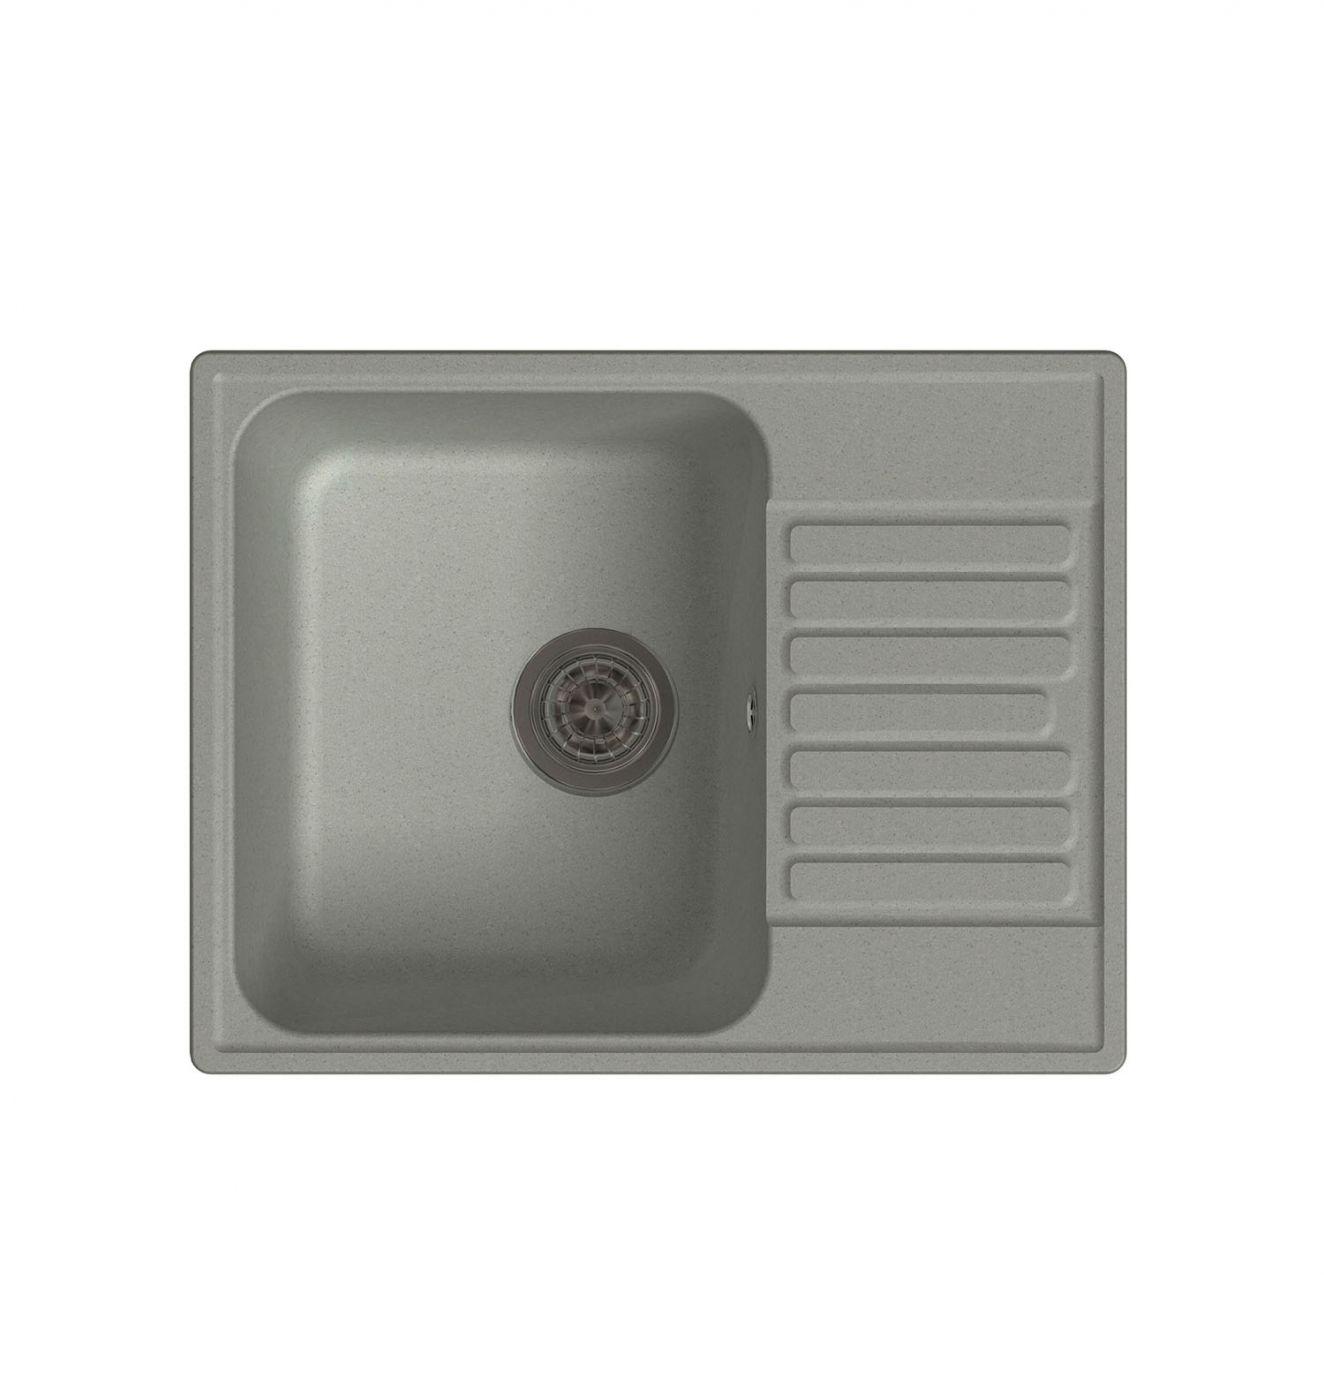 Врезная кухонная мойка LEX Garda 620 Space Gray 62х48см полимер RULE000018